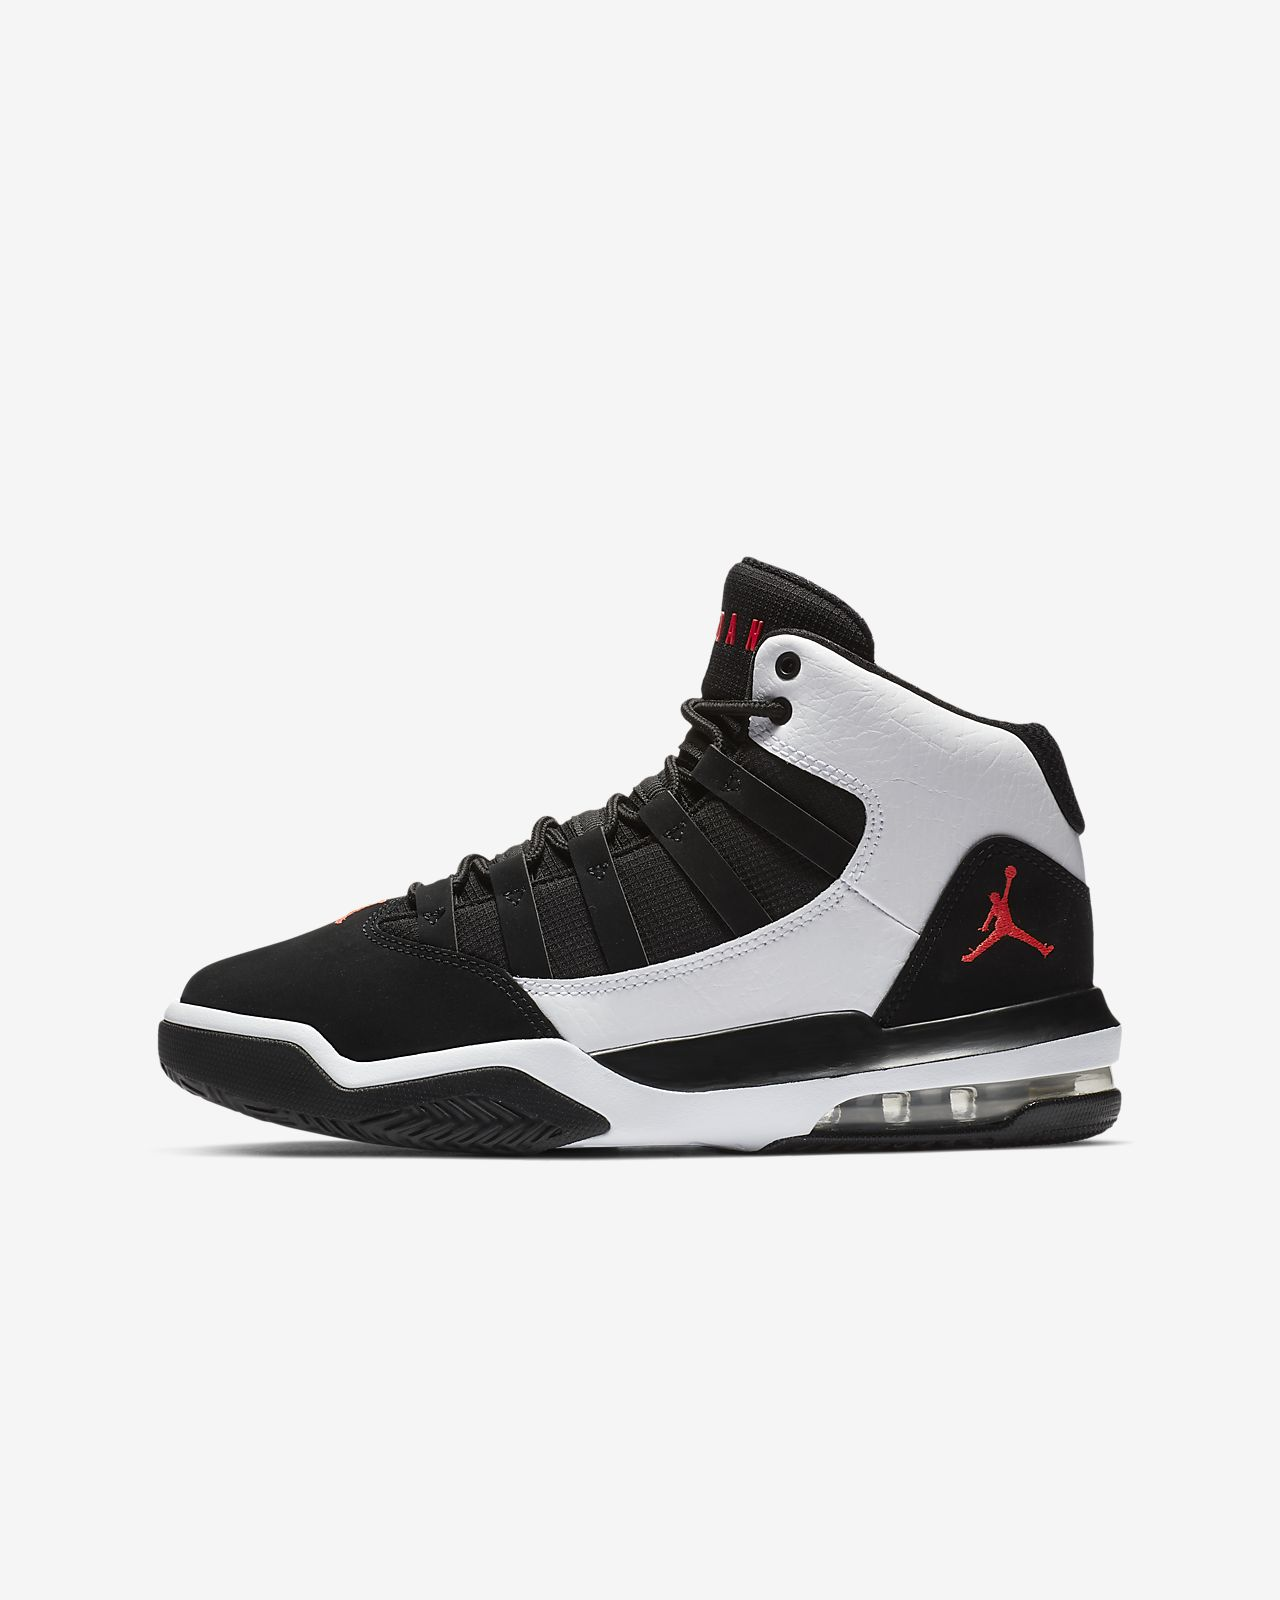 3d5c0634ff5 Chaussure Jordan Max Aura pour Enfant plus âgé. Nike.com CA